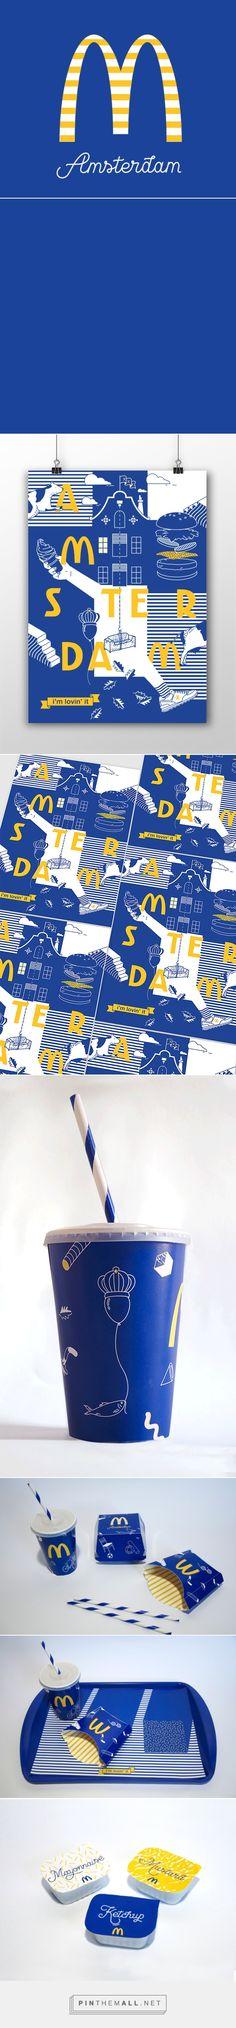 另類麥當勞 藍色包裝 | MyDesy 淘靈感 - created via http://pinthemall.net